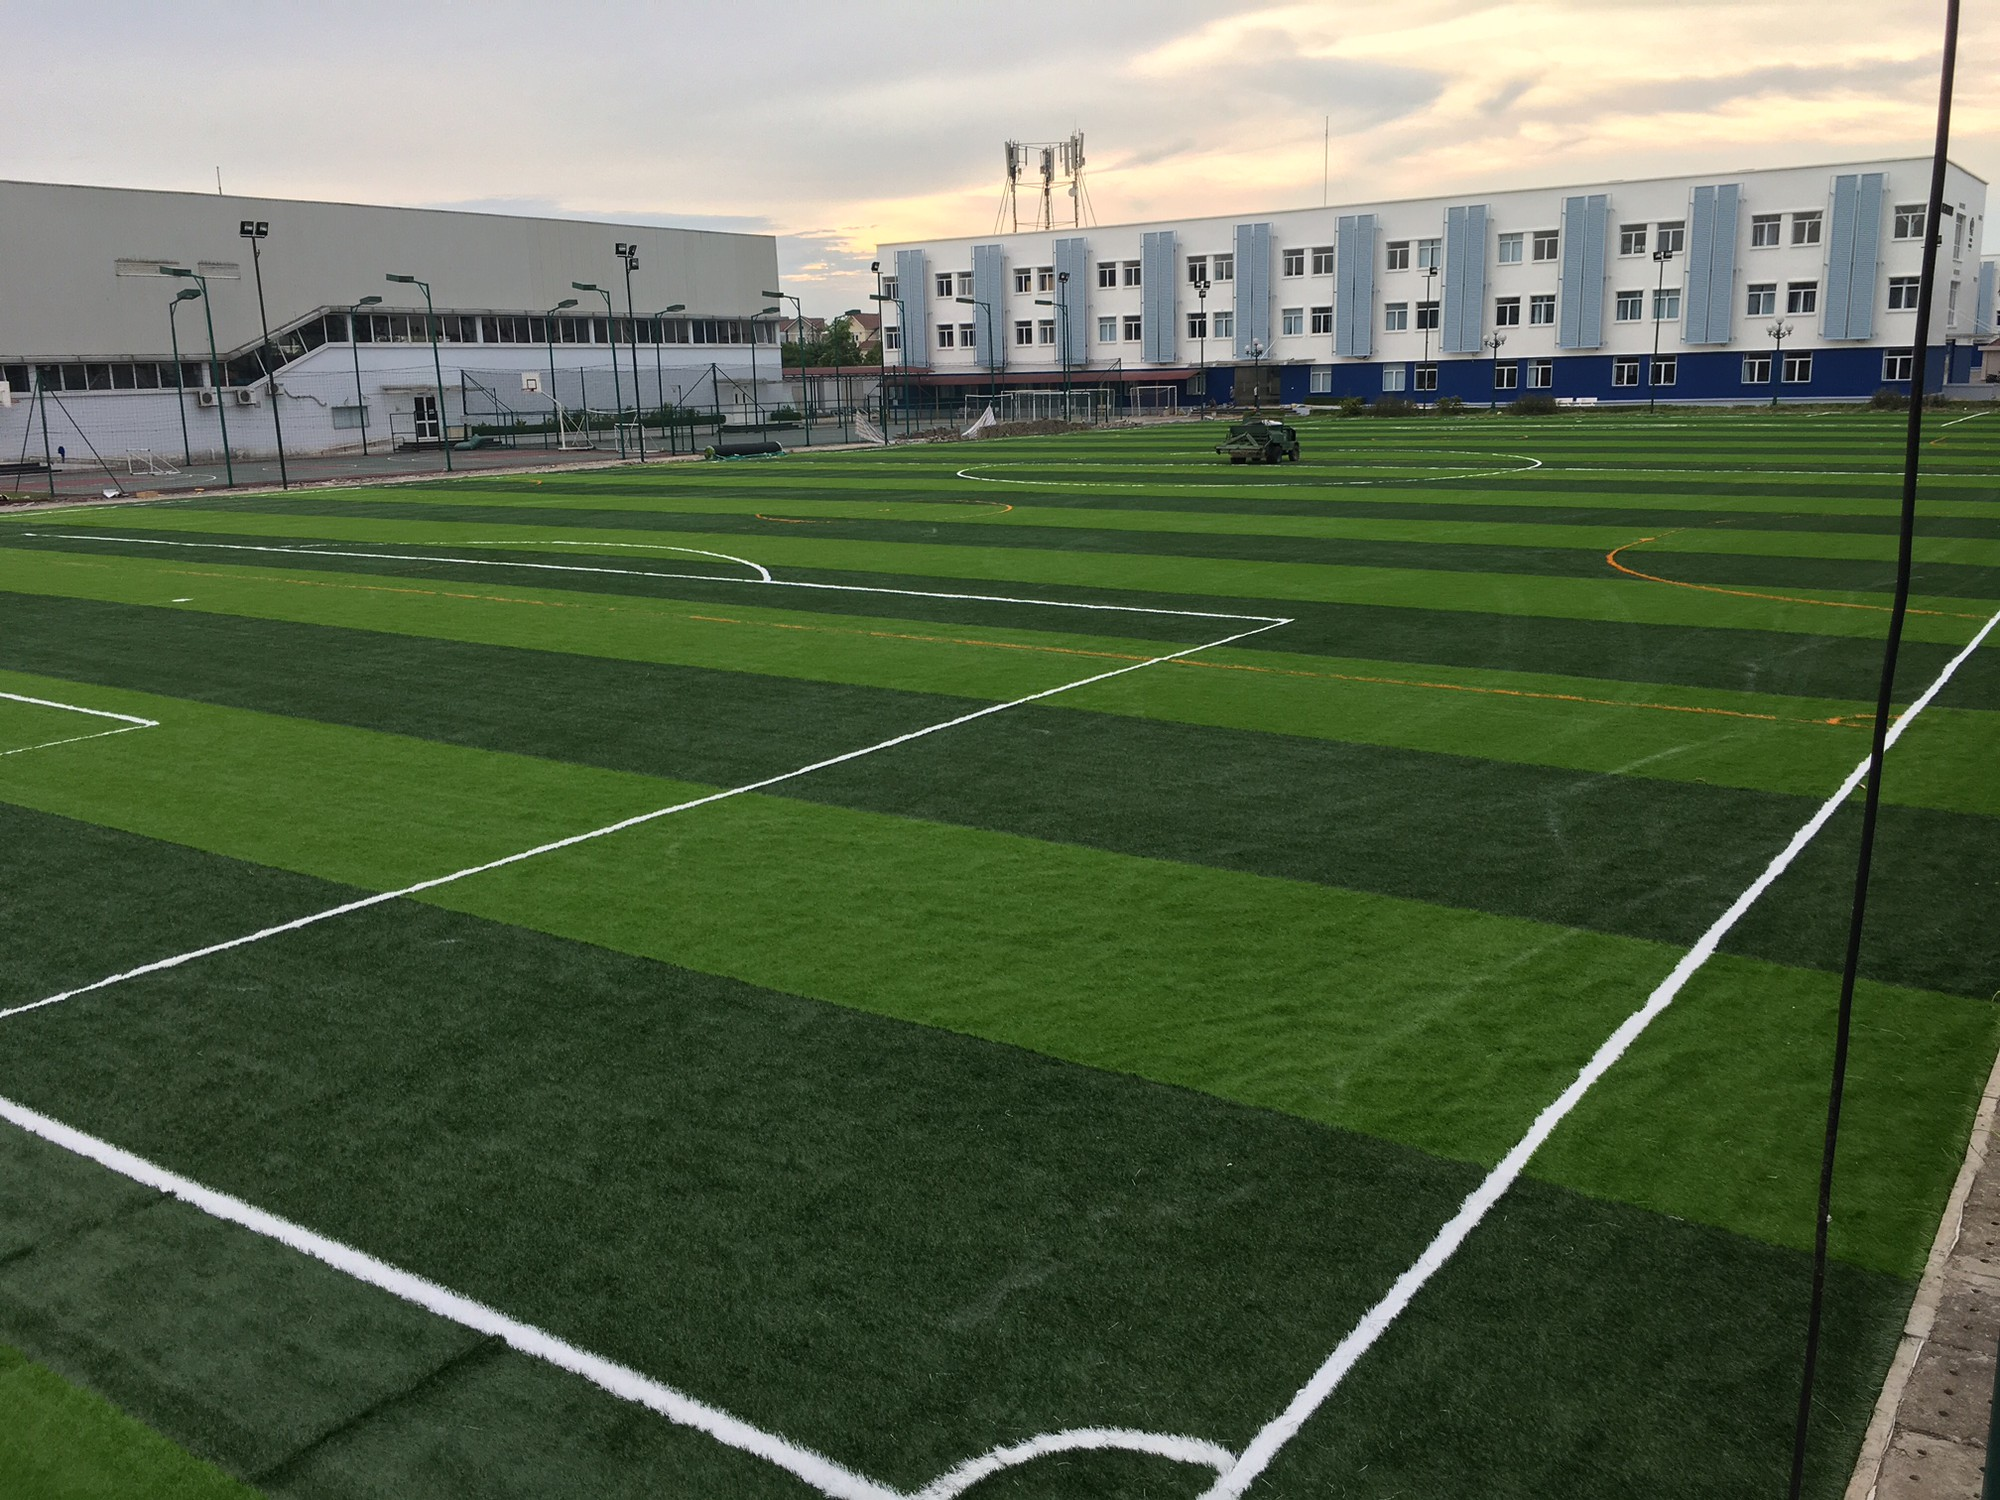 Những tác hại của mặt cỏ nhân tạo - thứ mặt cỏ mà U22 Việt Nam đang phải thi đấu tại giải U22 Đông Nam Á - Ảnh 2.